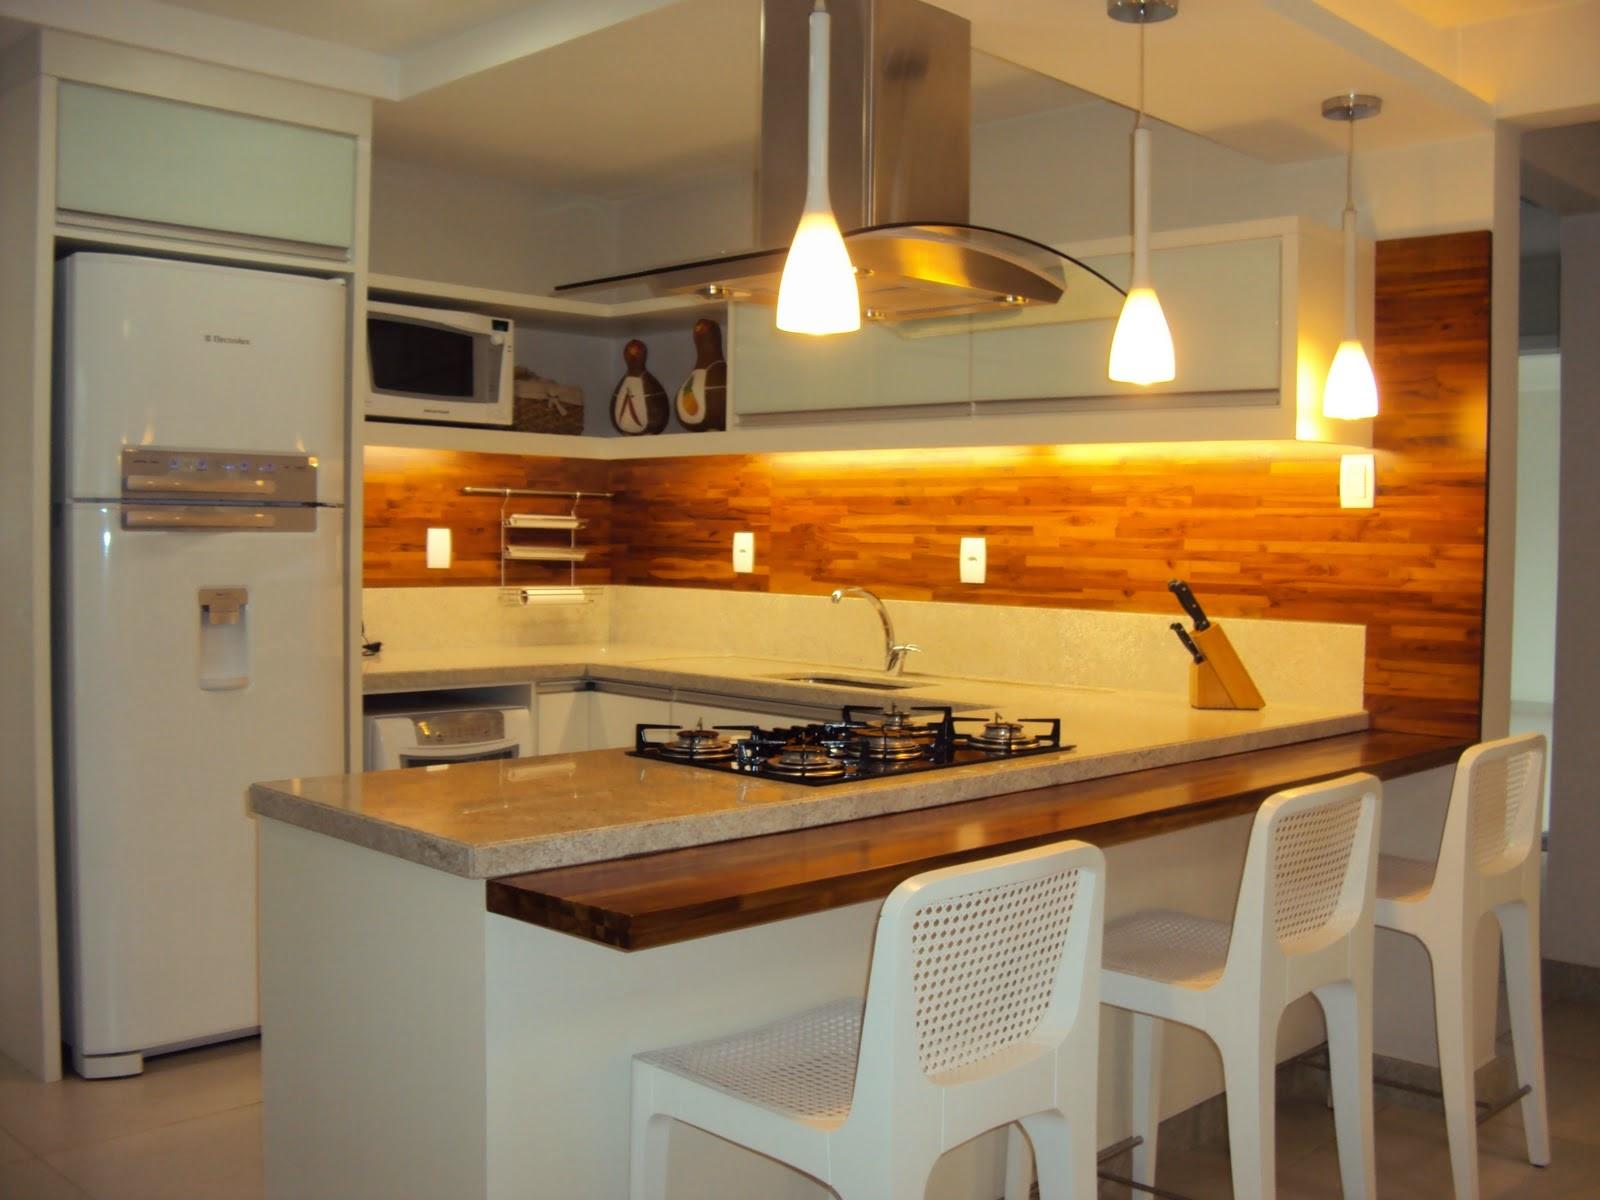 Minha casa dos sonhos: Cozinhas para ver e se apaixonar!!! #B84D01 1600 1200